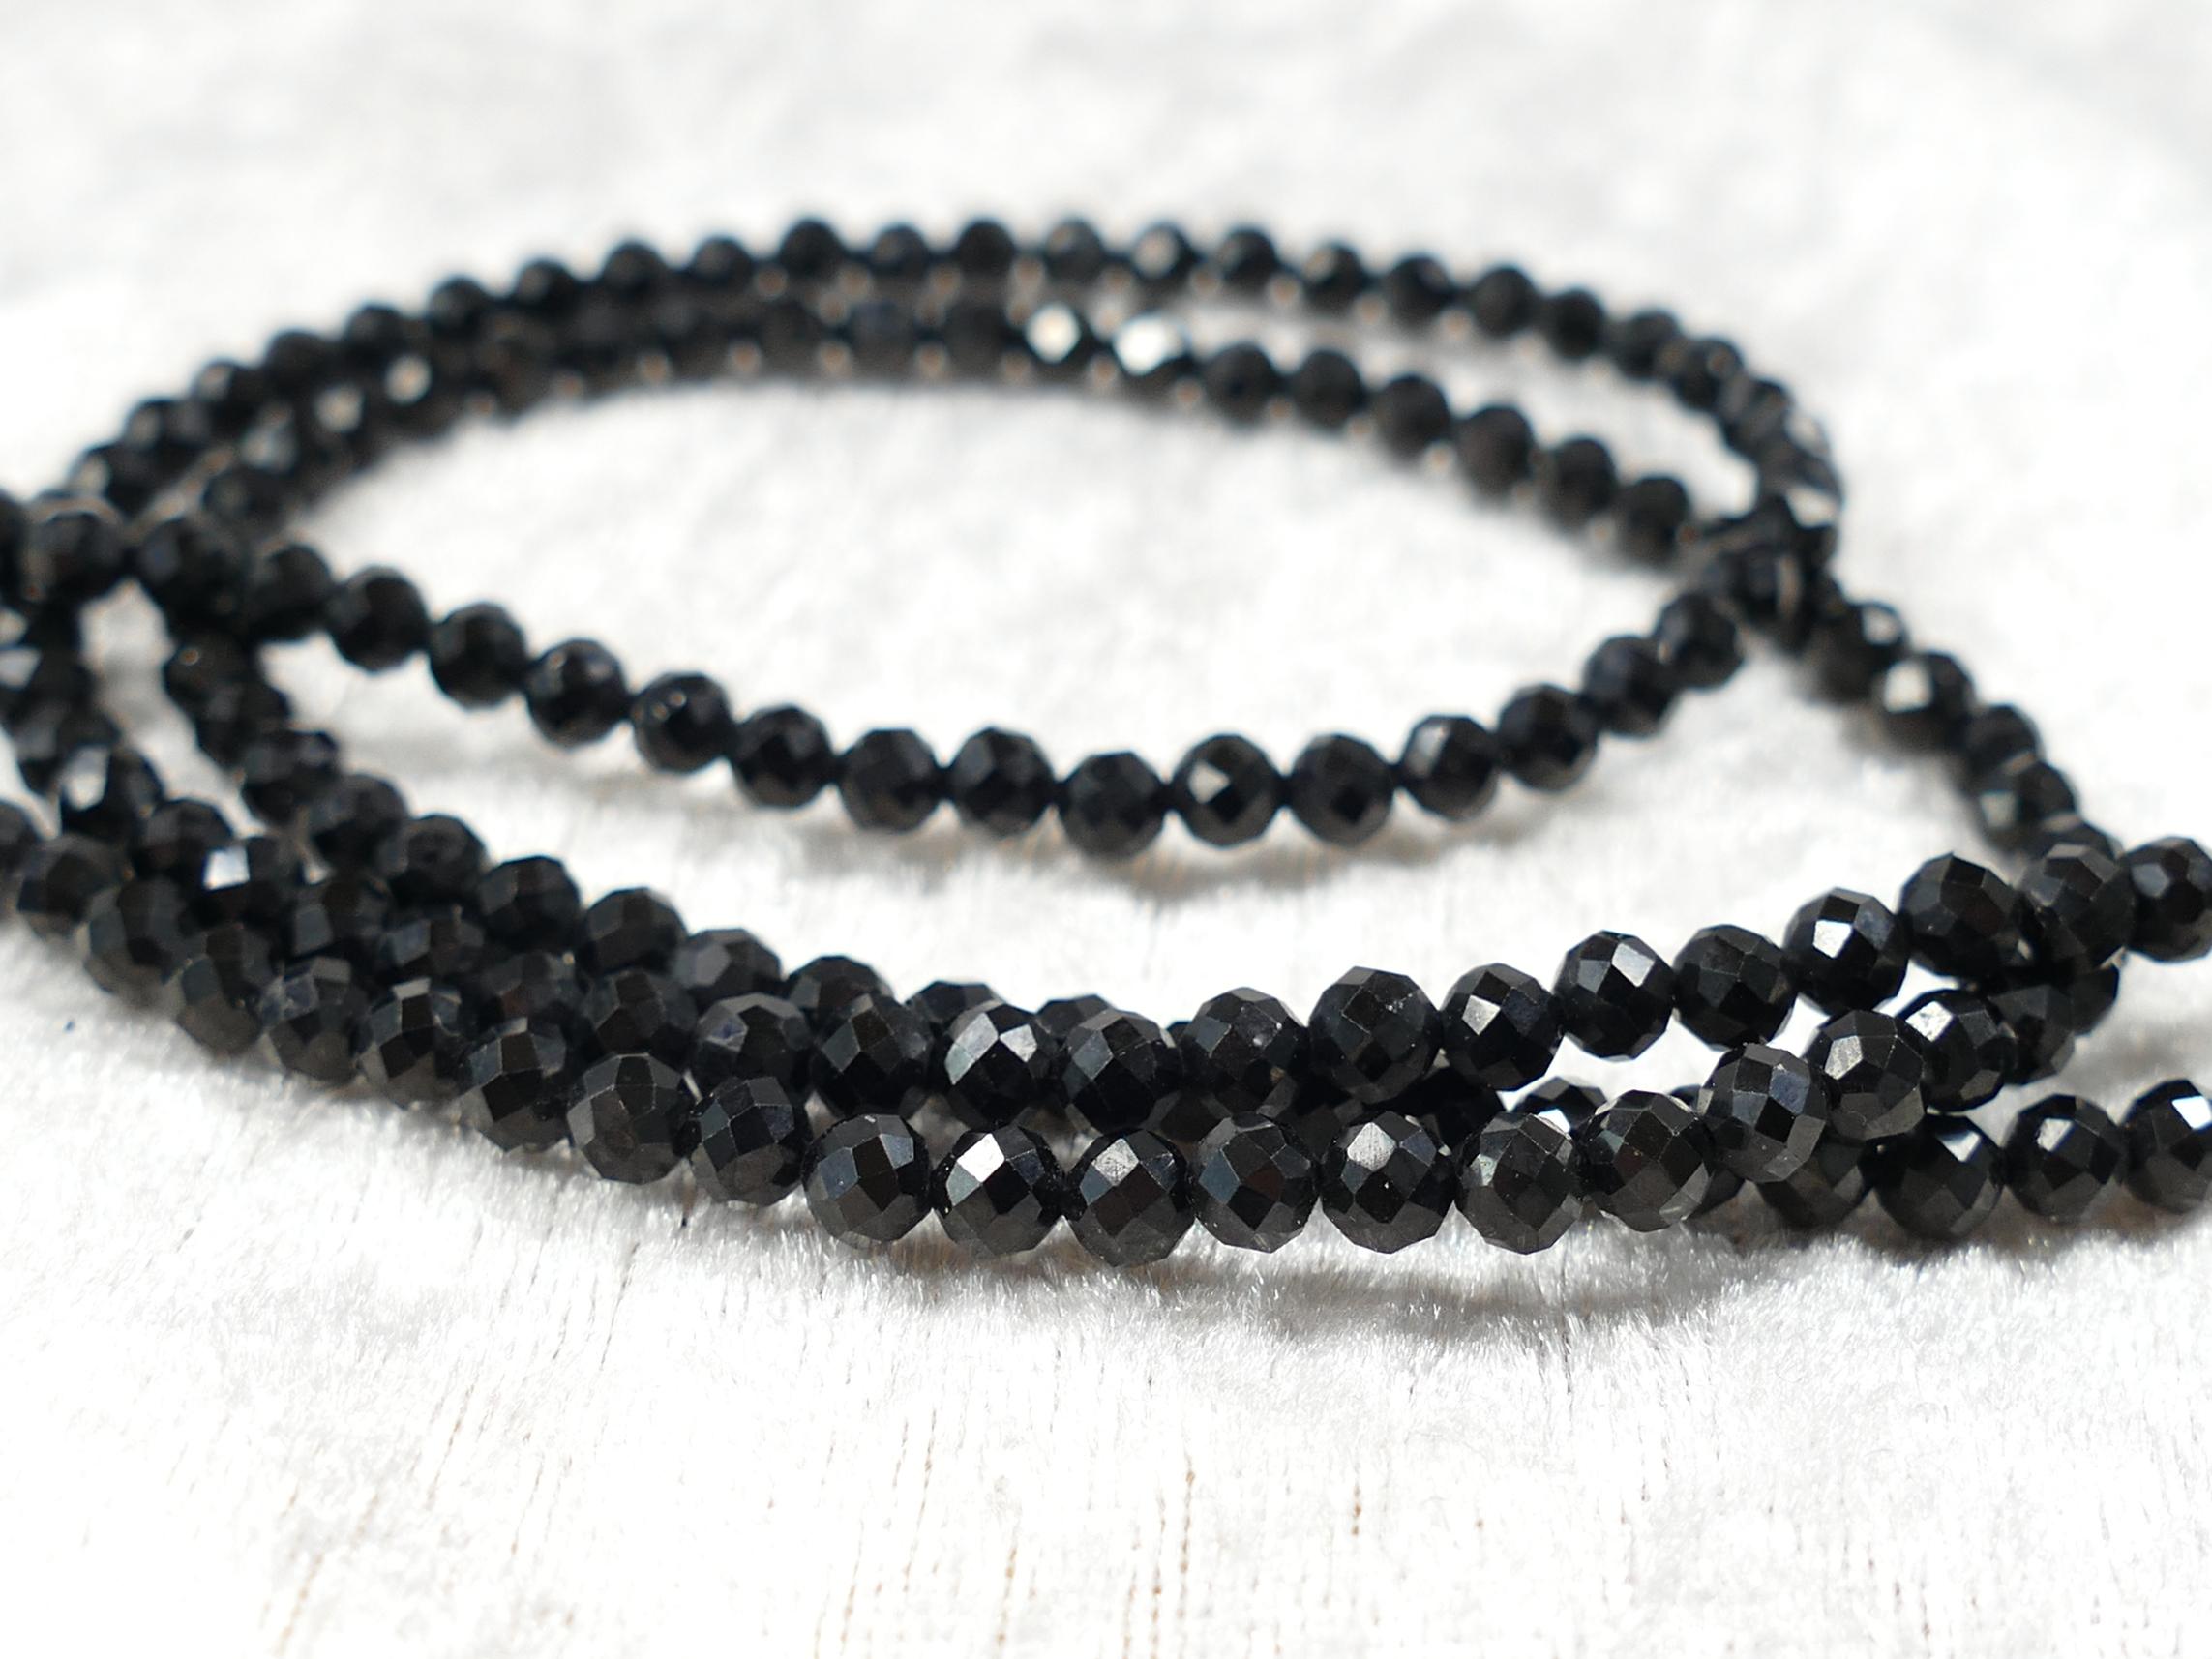 4.2mm AAA+ Perles de Spinelle noir naturel ronde facettée x20cm (7.9inch) (#AC1154)